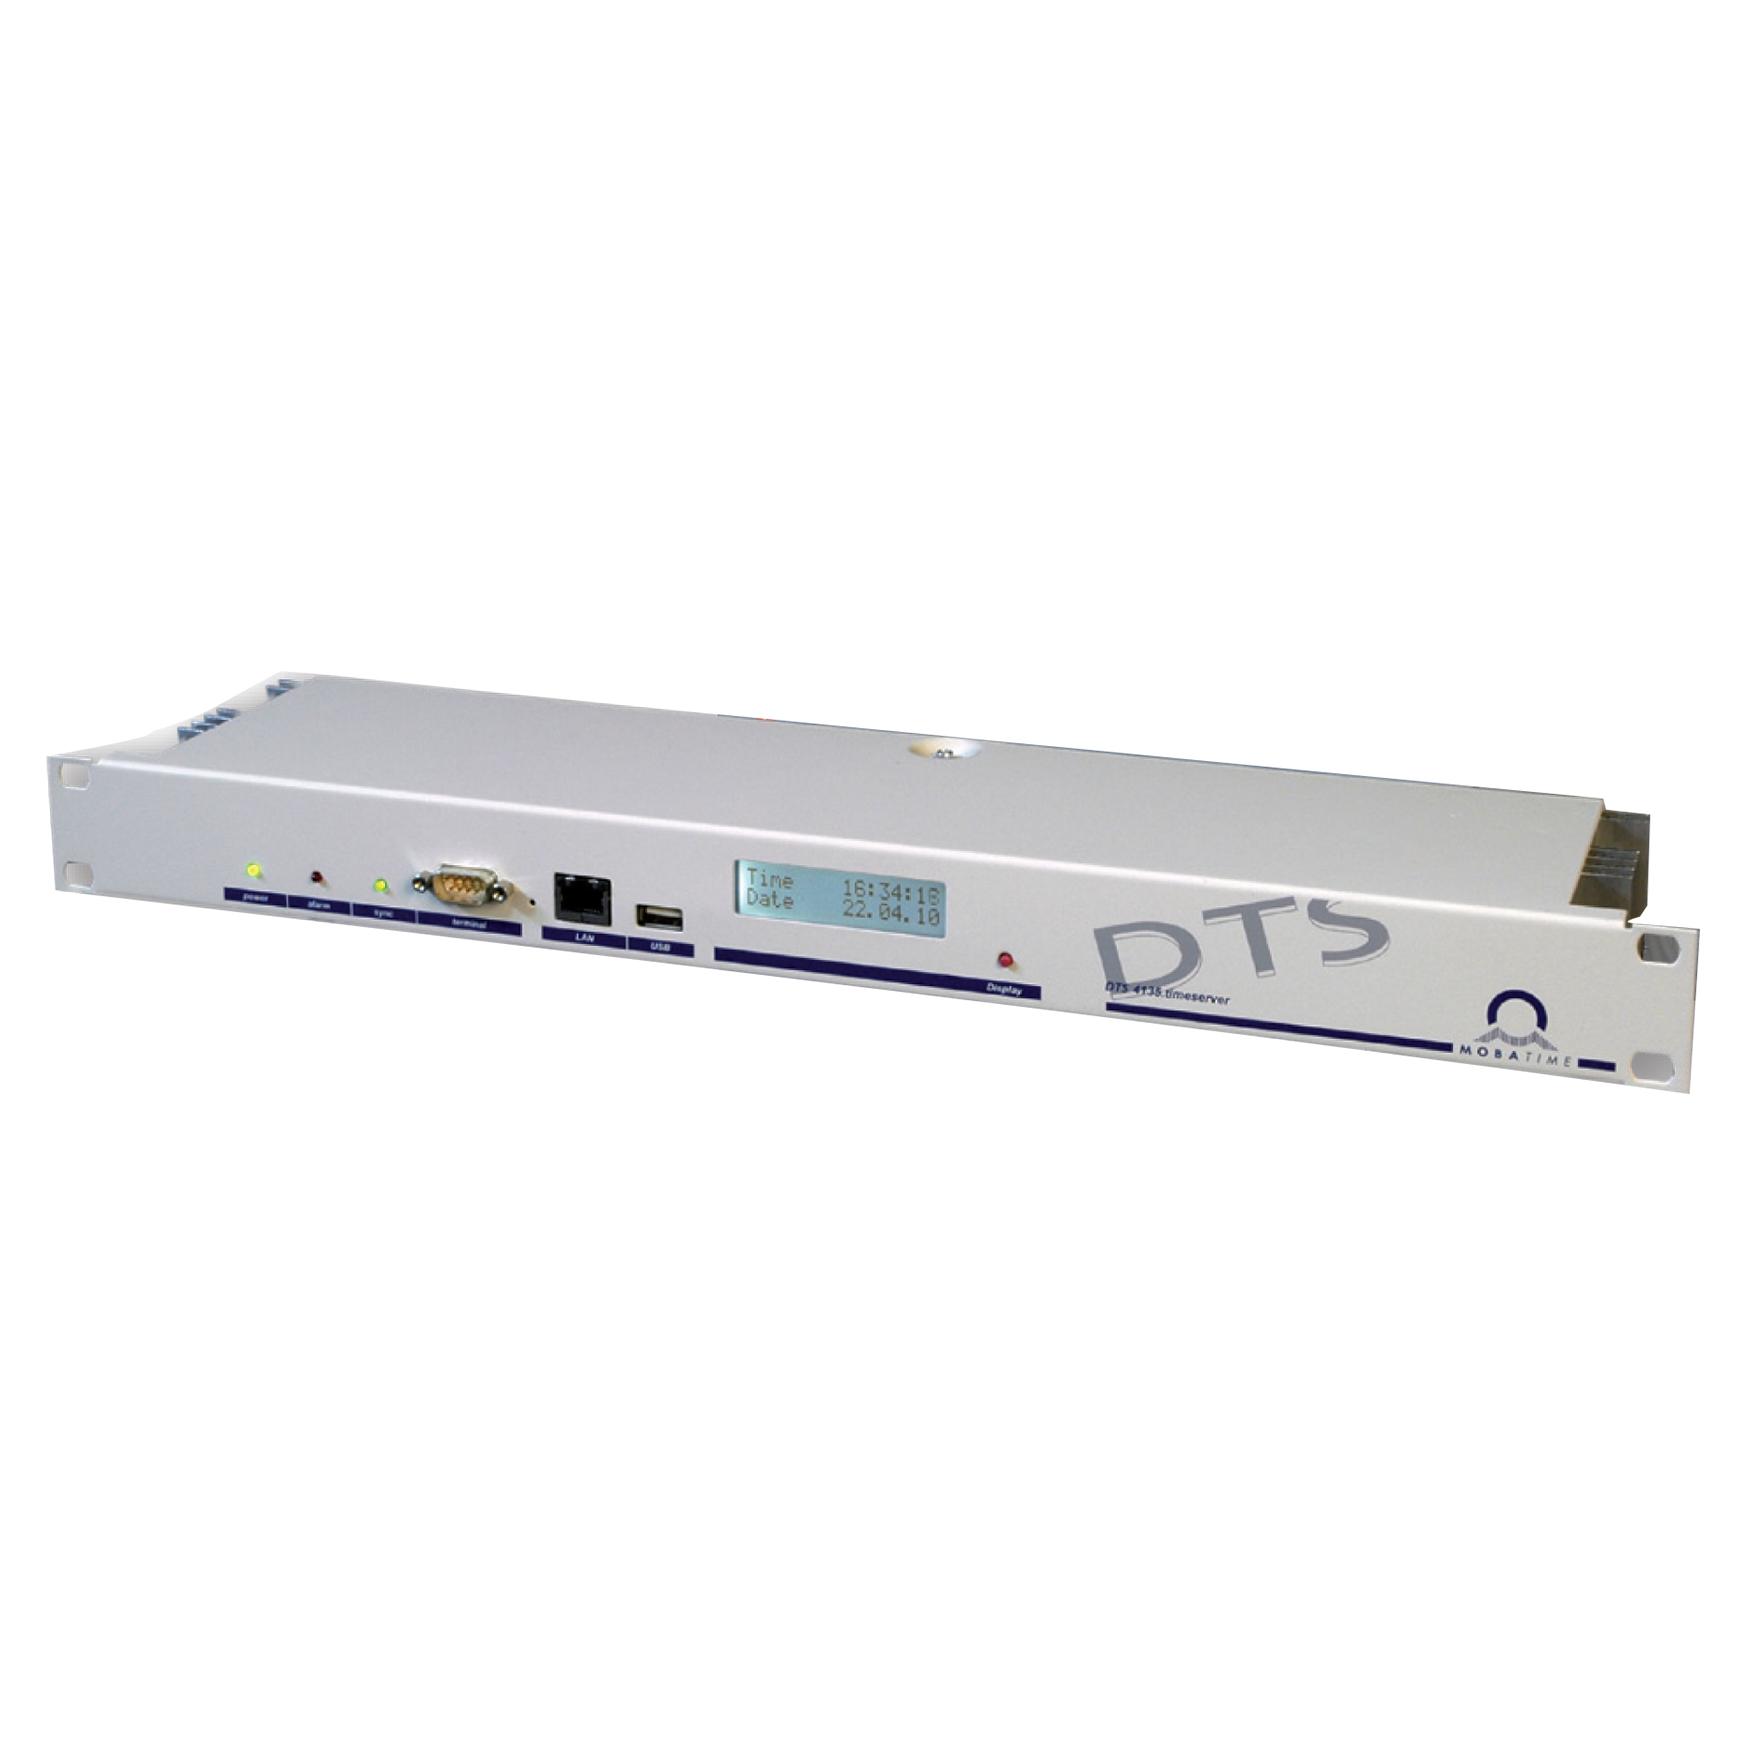 server pro jednotnou shodu rychlost datování indické nyc